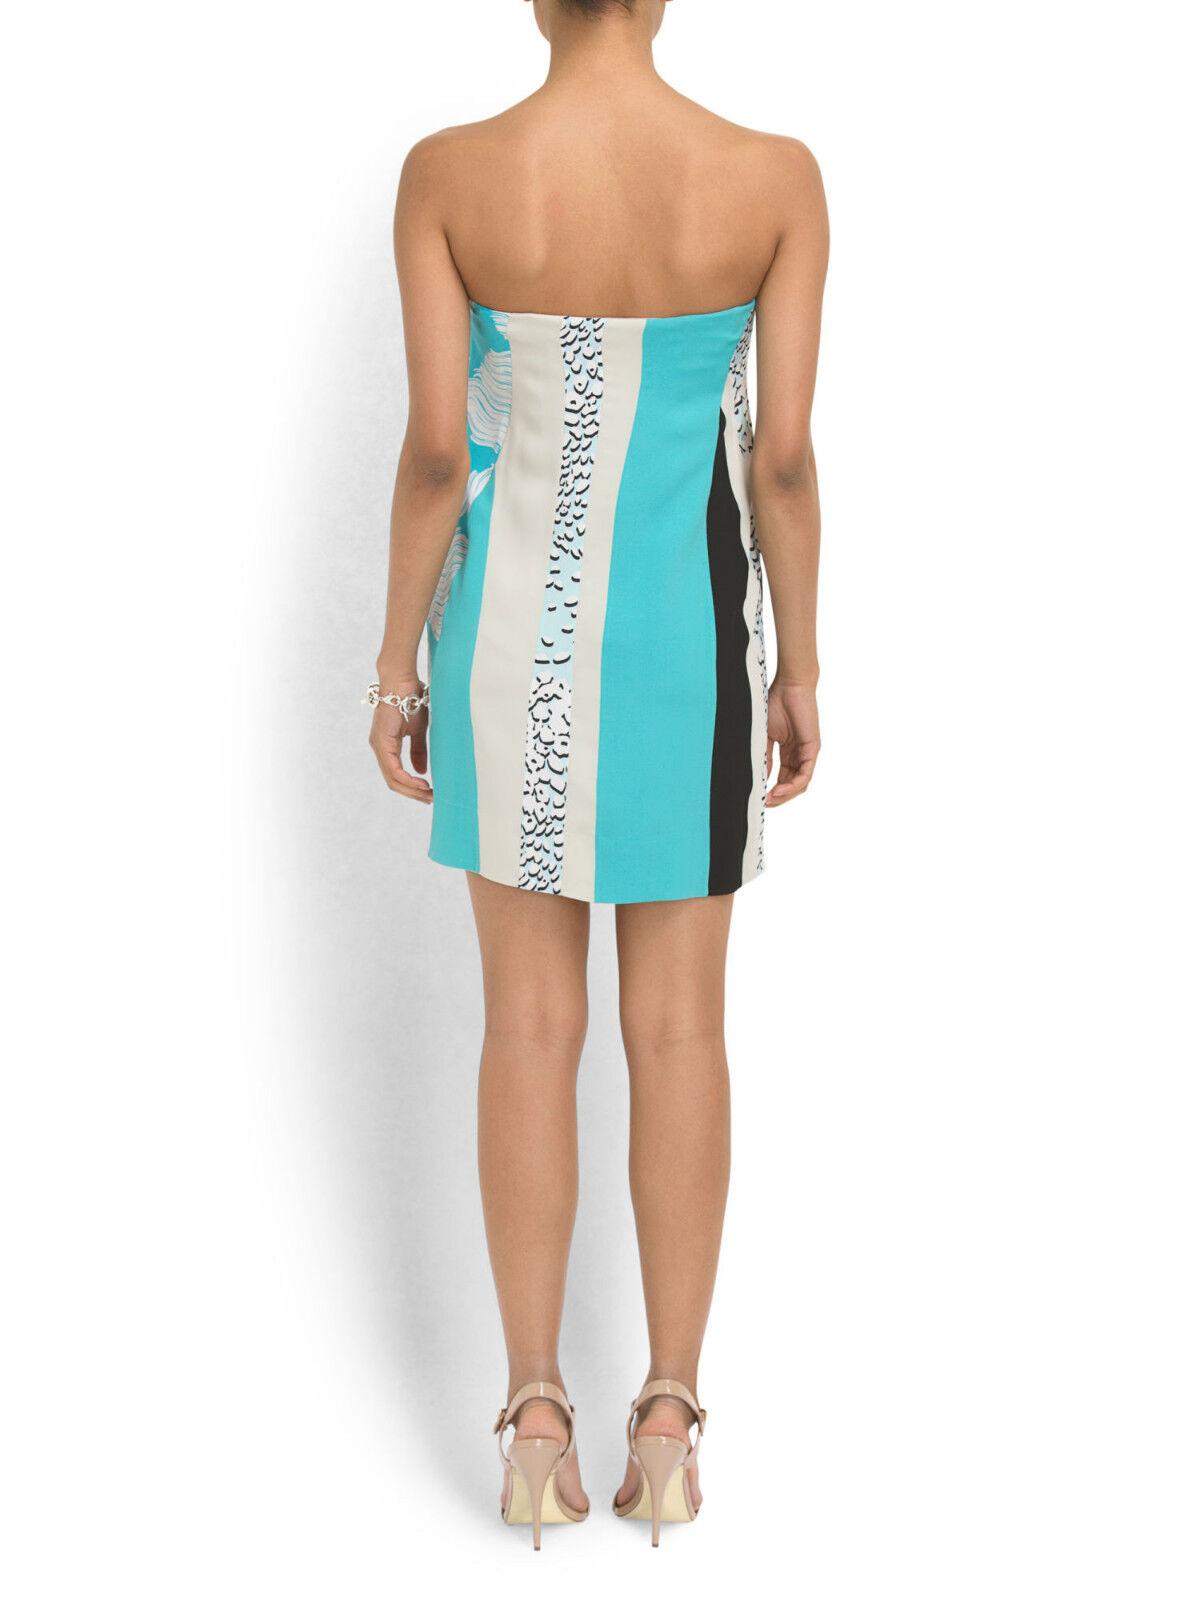 Diane von von von Furstenberg Dress - Rhi-Rhi Strapless Dress in Halo Mist-NWT-RP   425 a5a92d